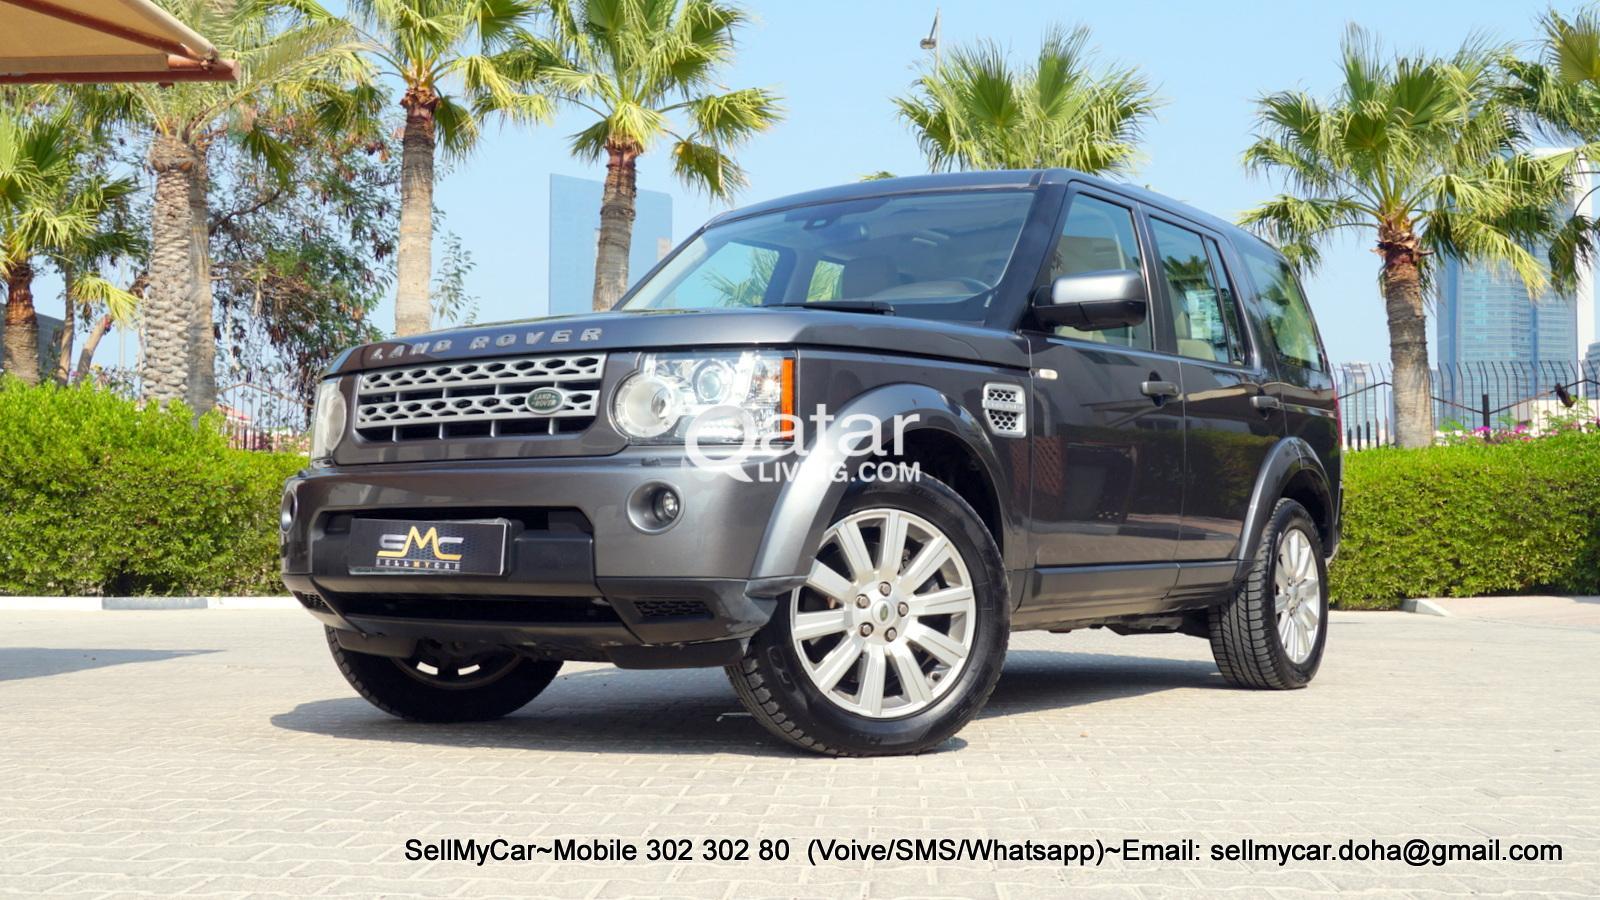 2013 Land Rover LR4 V8 SE (7-Seater) More Photos A